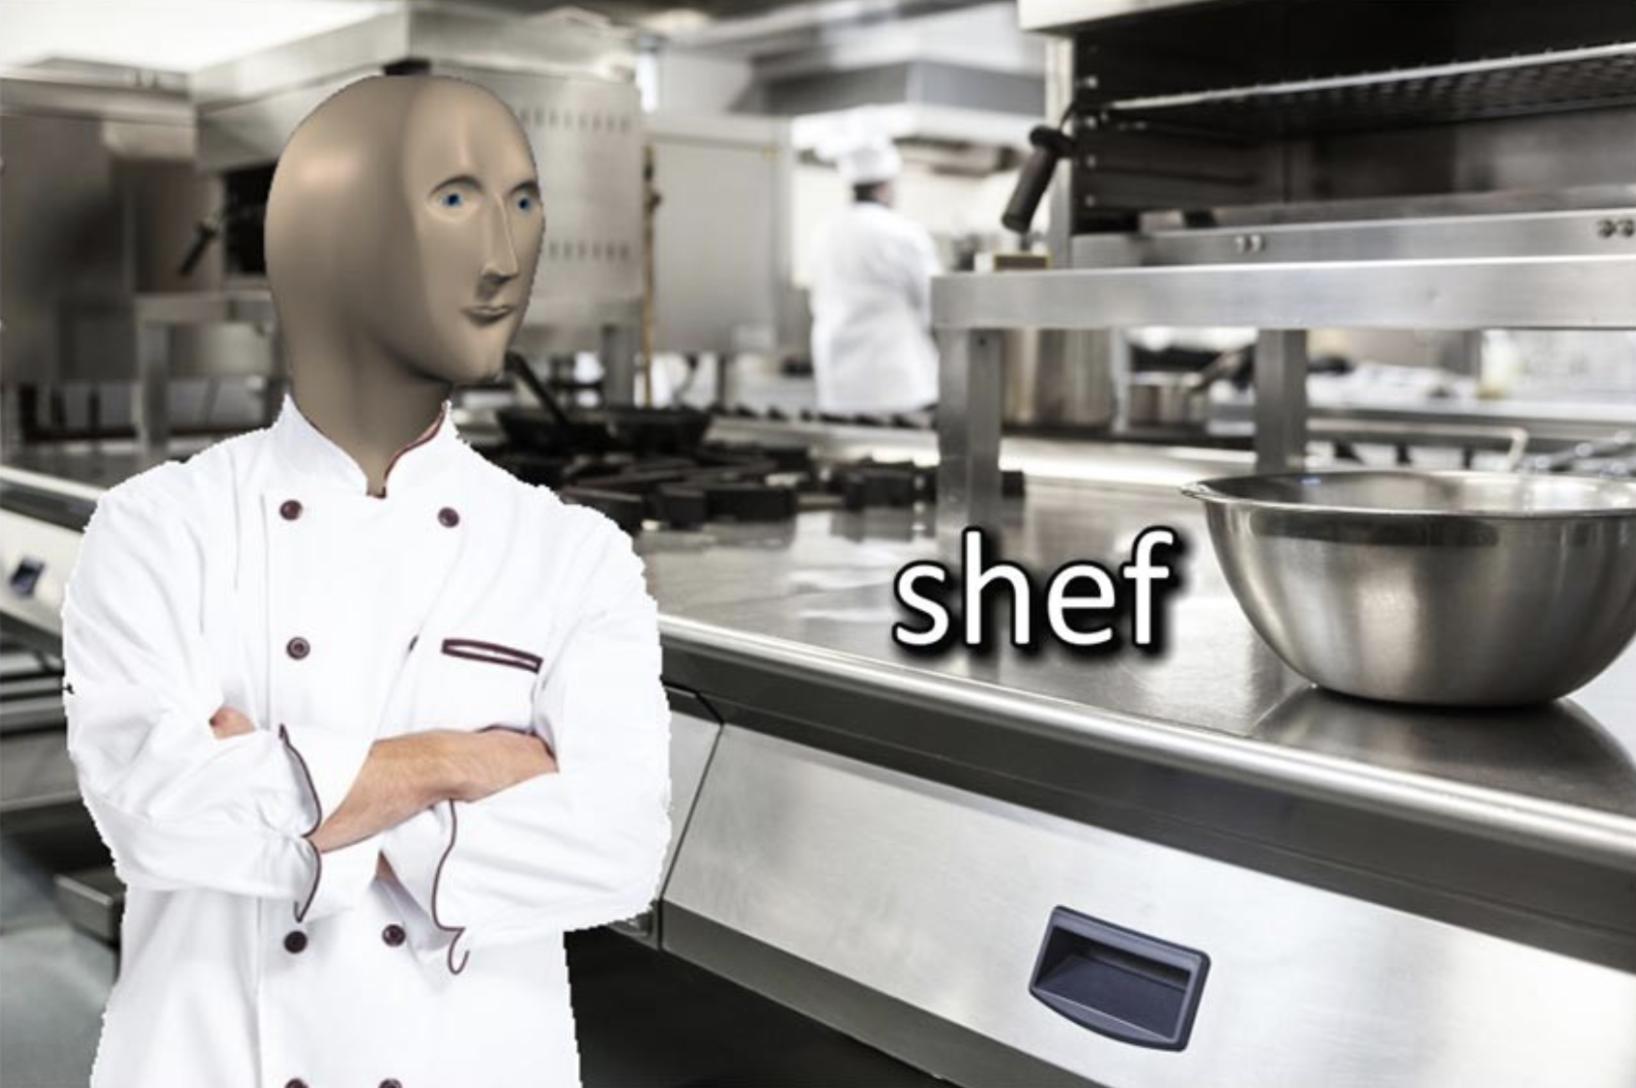 shef meme